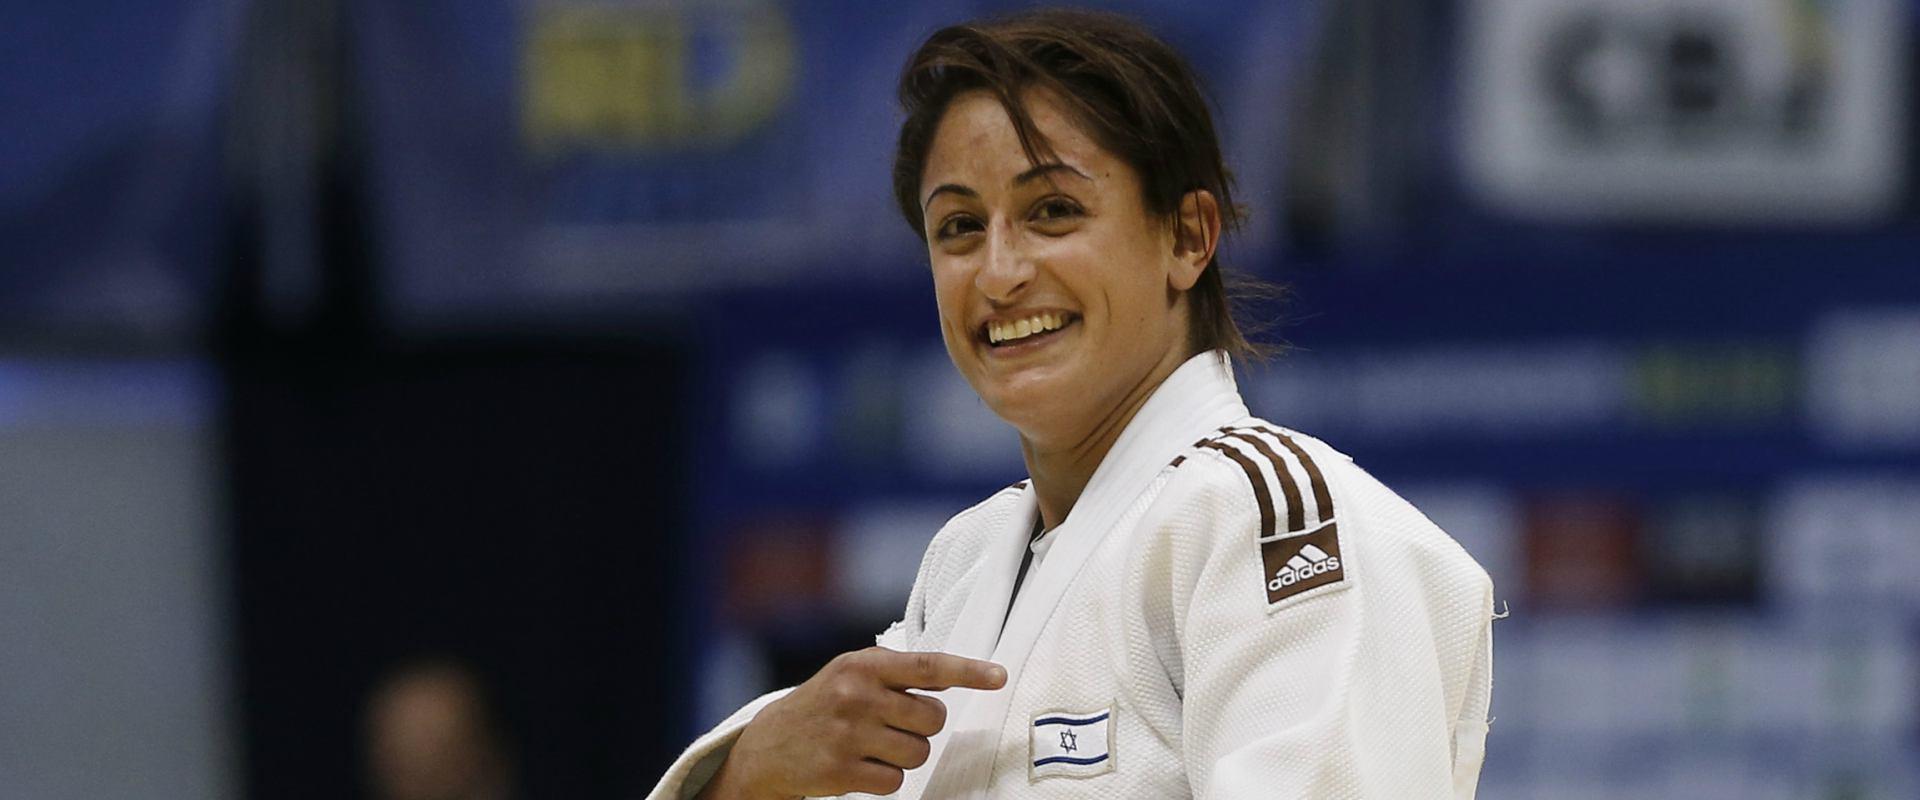 ירדן ג'רבי באולימפיאדת ריו 2016